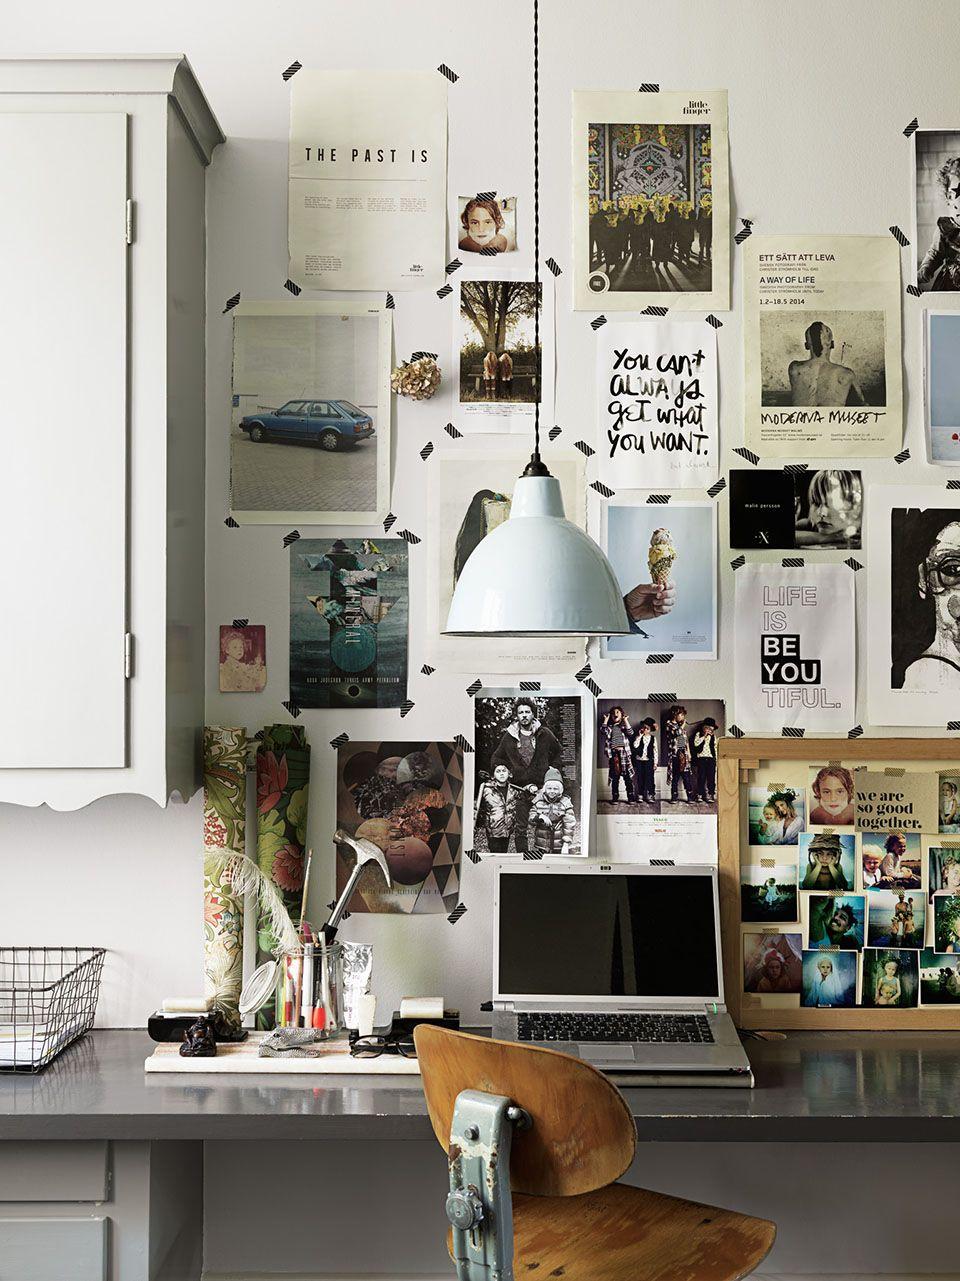 Damit Die Wand Hinter Meiner Couch Nicht So Langweilig Bleibt Wer